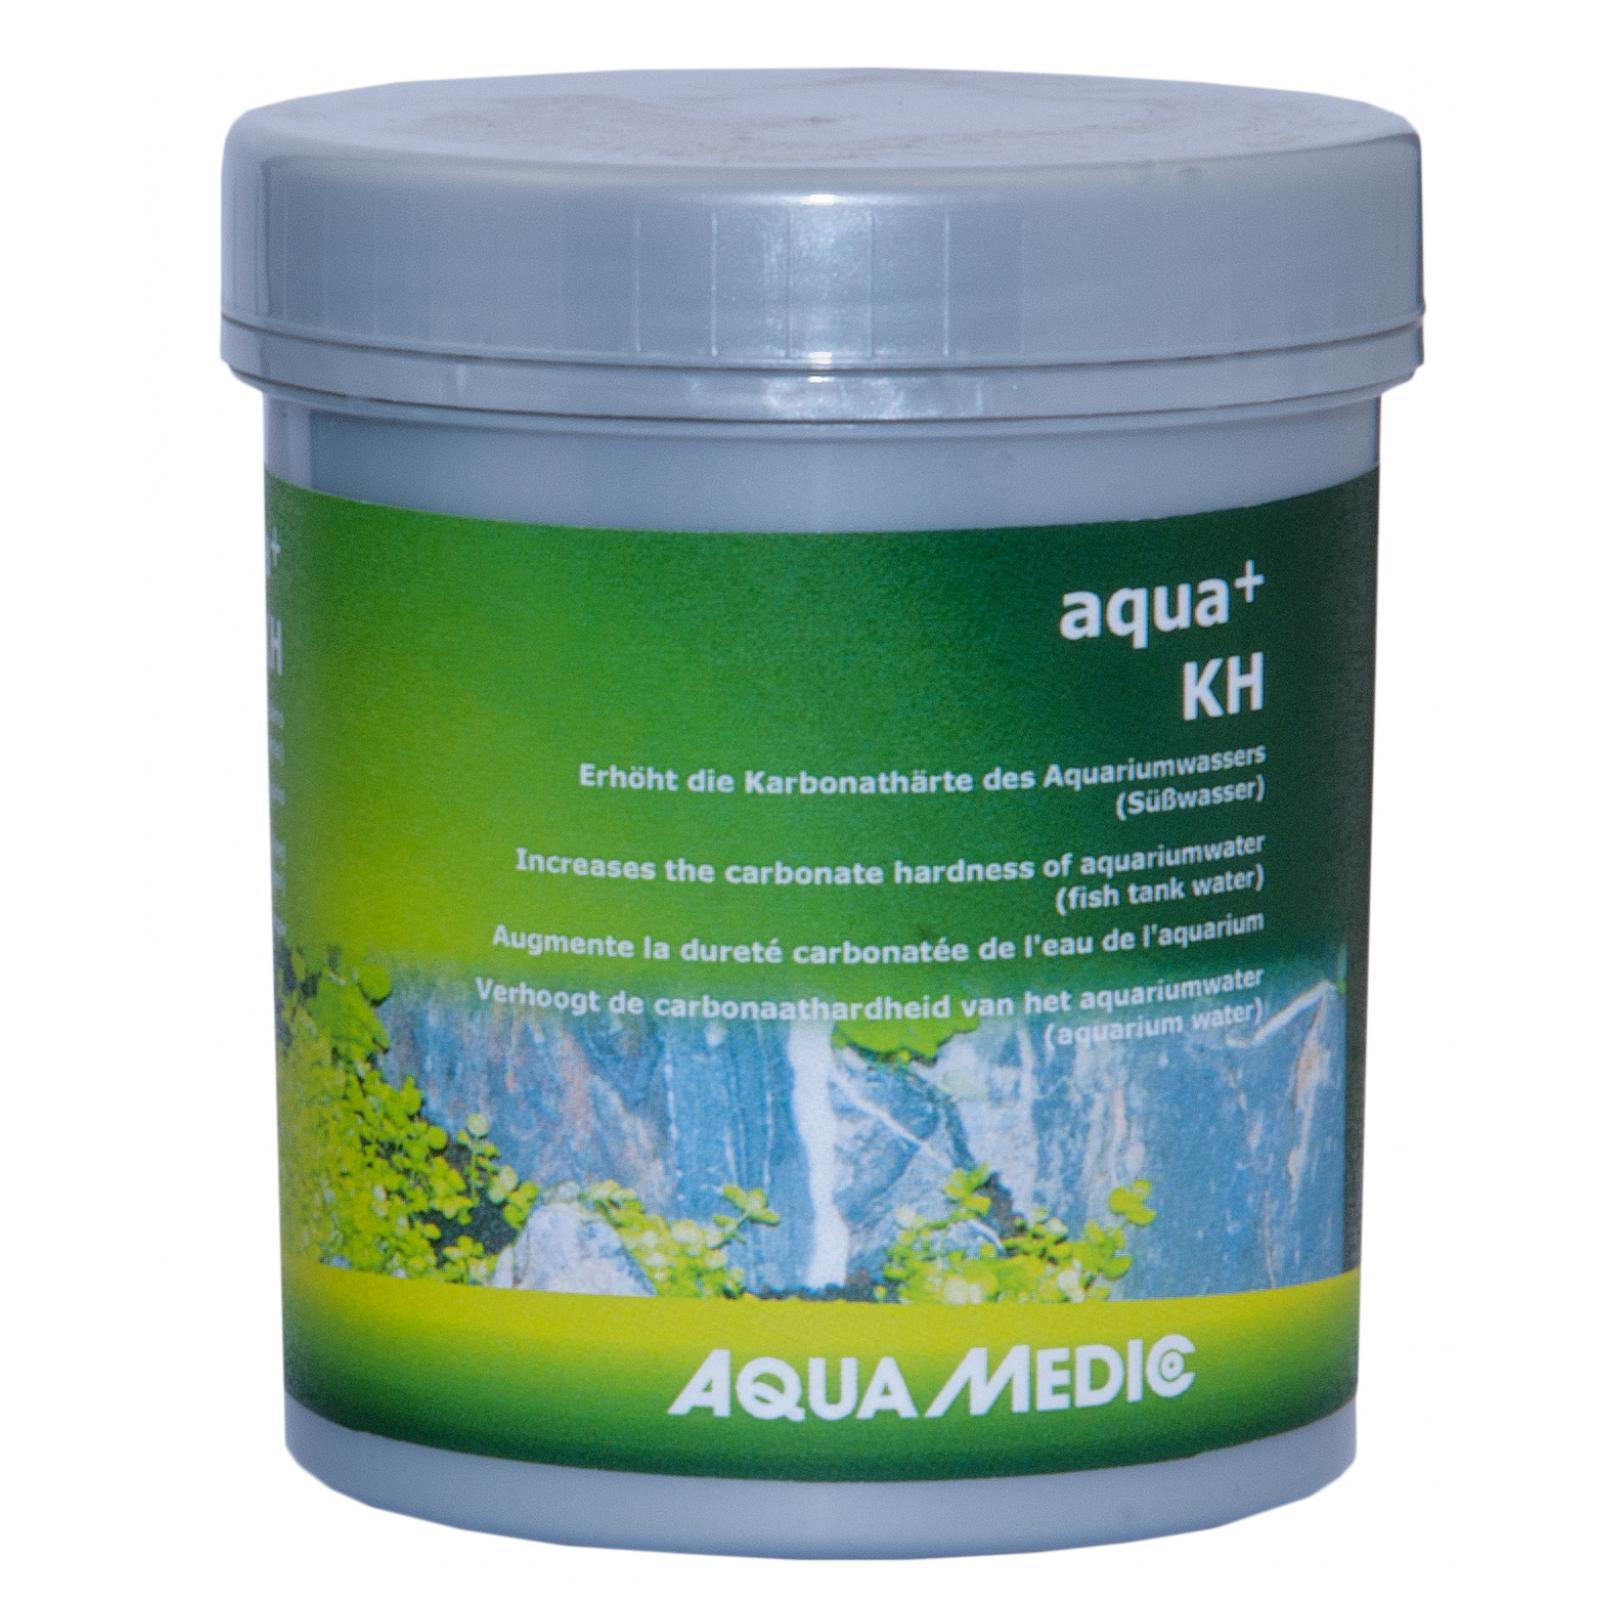 AQUA MEDIC aqua +KH 300 gr. augmente la dureté carbonatée en aquarium d\'eau douce